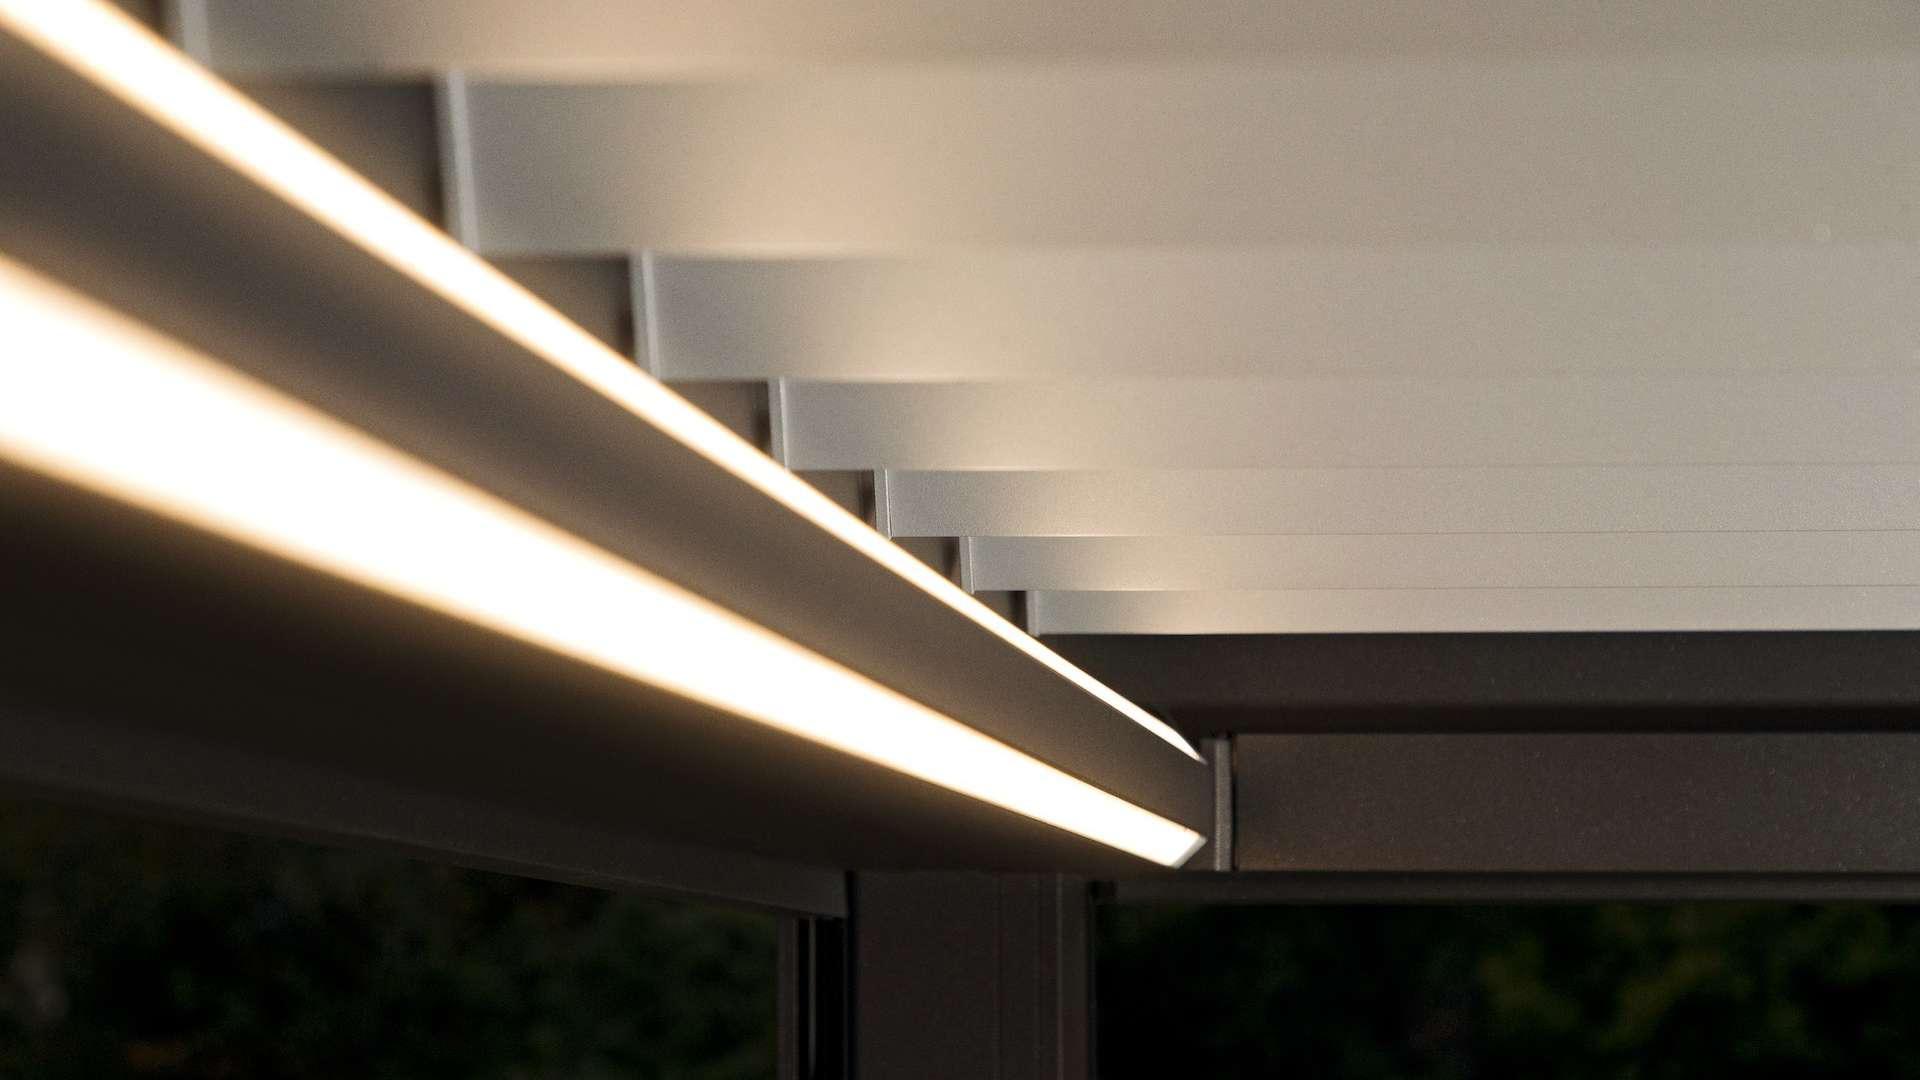 Nahansicht der LED-Beleuchtung im Lamellendach